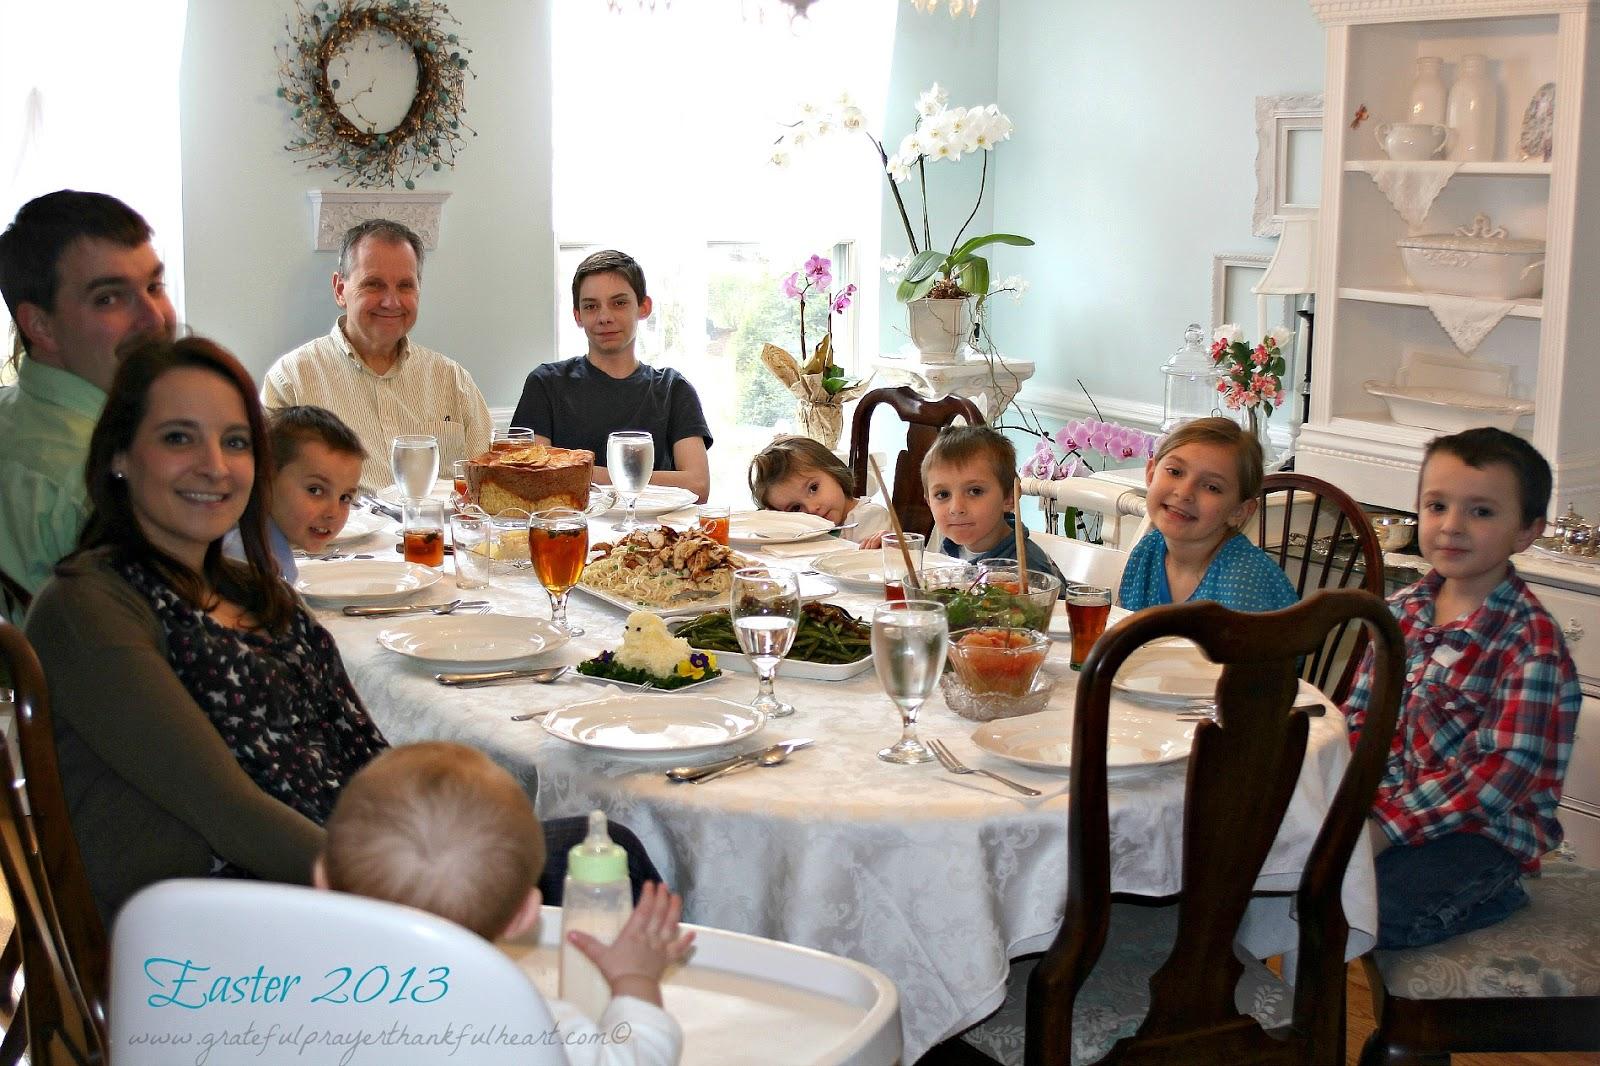 Easter Dinner Prayer Family Photo Album - The Miracle of Easter